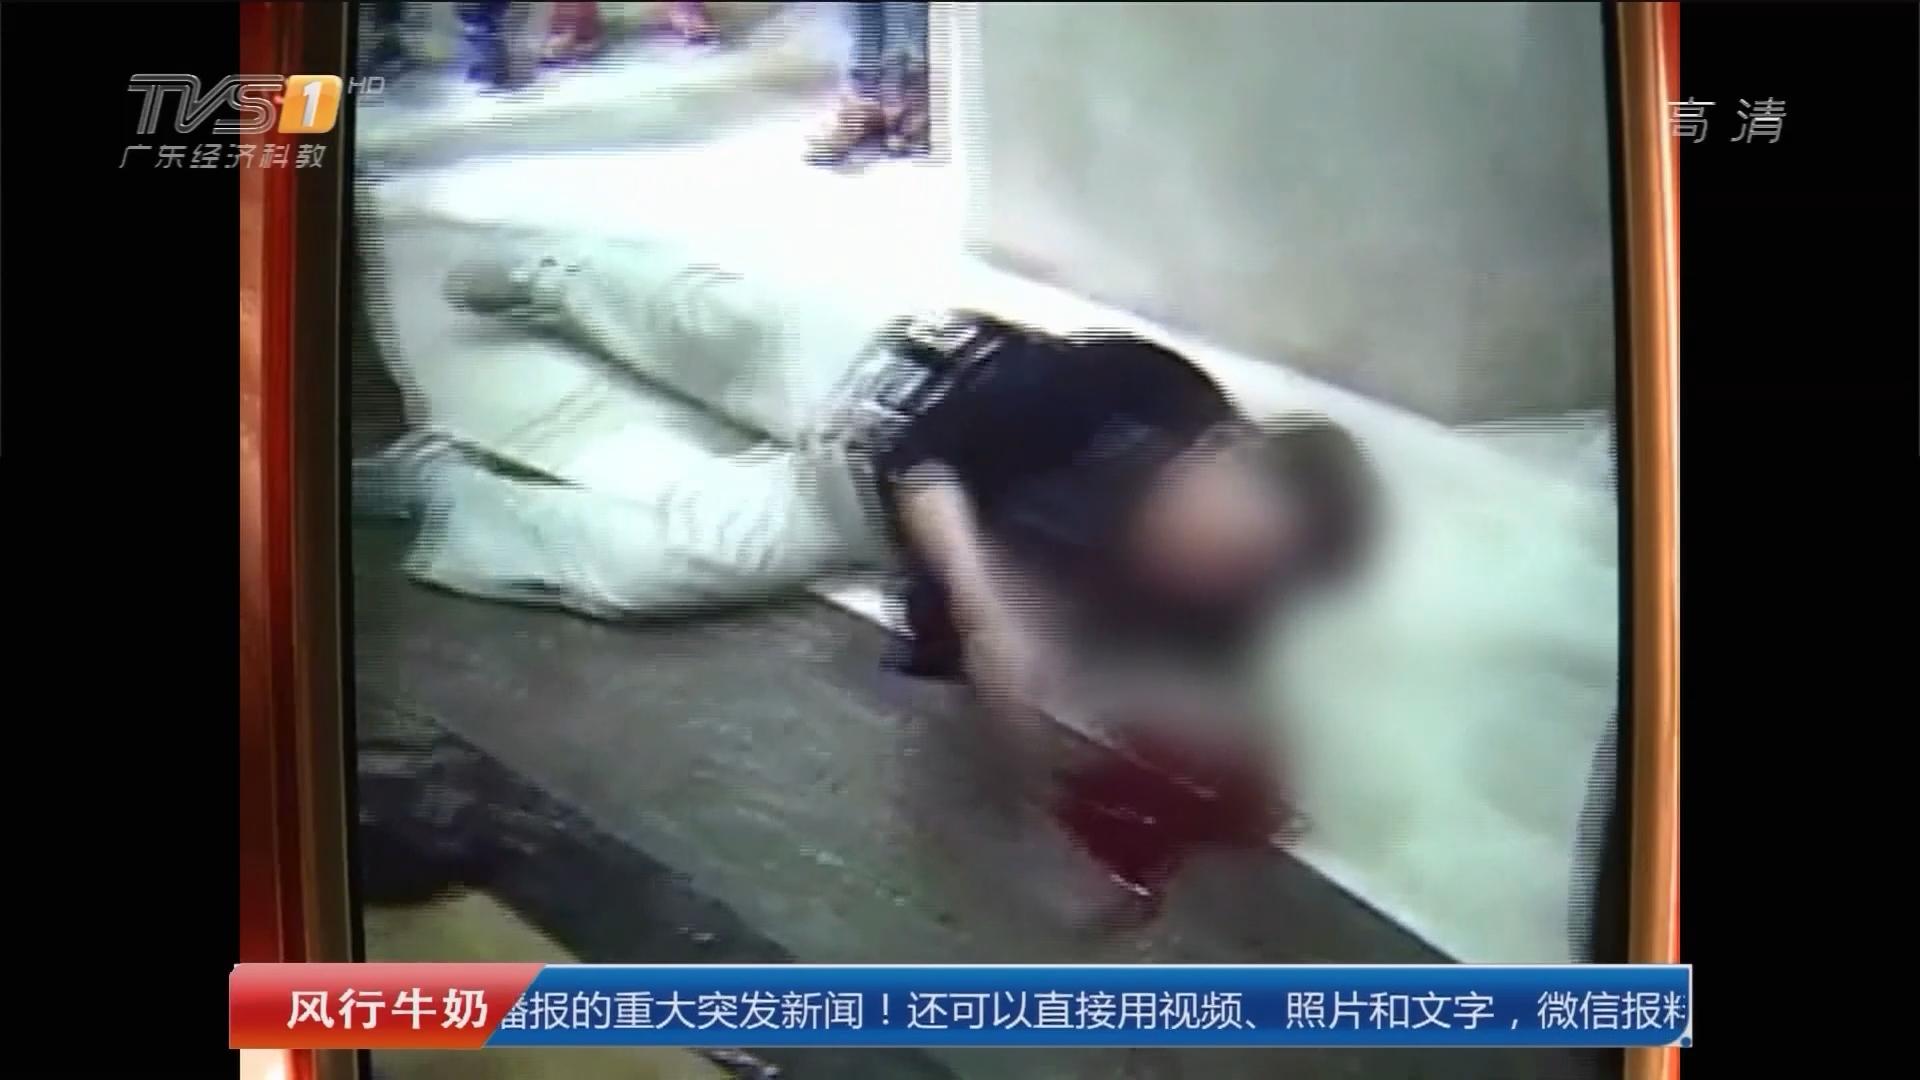 深圳:老人被困电梯 电梯工施救却起冲突